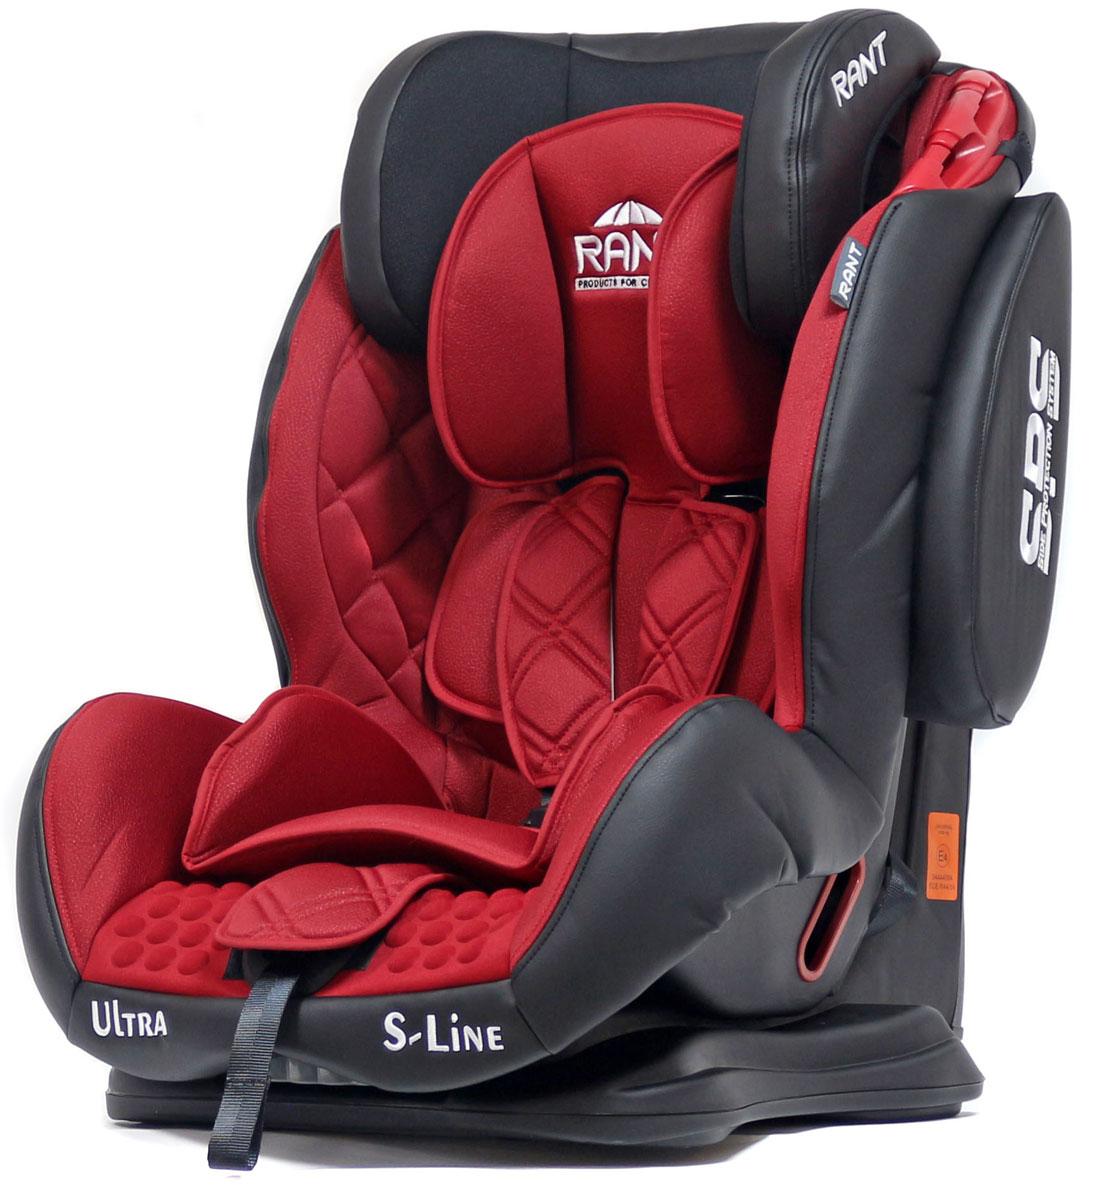 Rant Автокресло Ultra SPS цвет красный от 9 до 36 кг4630008878774Автокресло Rant Ultra SPS группы 1-2-3 предназначено для детей весом от 9 до 36 кг (возраст от 9 месяцев до 12 лет), крепится штатными ремнями безопасности автомобиля, устанавливается по ходу движения автомобиля. Кресло оснащено пятиточечным ремнем безопасности с мягкими плечевыми накладками и антискользящими нашивками, 3-х ступенчатой настройкой высоты подголовника, корректировкой высоты ремня безопасности по уровню подголовника. 3 положения наклона корпуса, устойчивая база, фиксатор высоты штатных ремней безопасности, дополнительная боковая защита, съемный чехол, мягкий съемный вкладыш для малыша делают это кресло идеальным средством для защиты ребенка во время передвижения на автомобиле.Сертификат Европейского Стандарта Безопасности ЕCE R44/04.